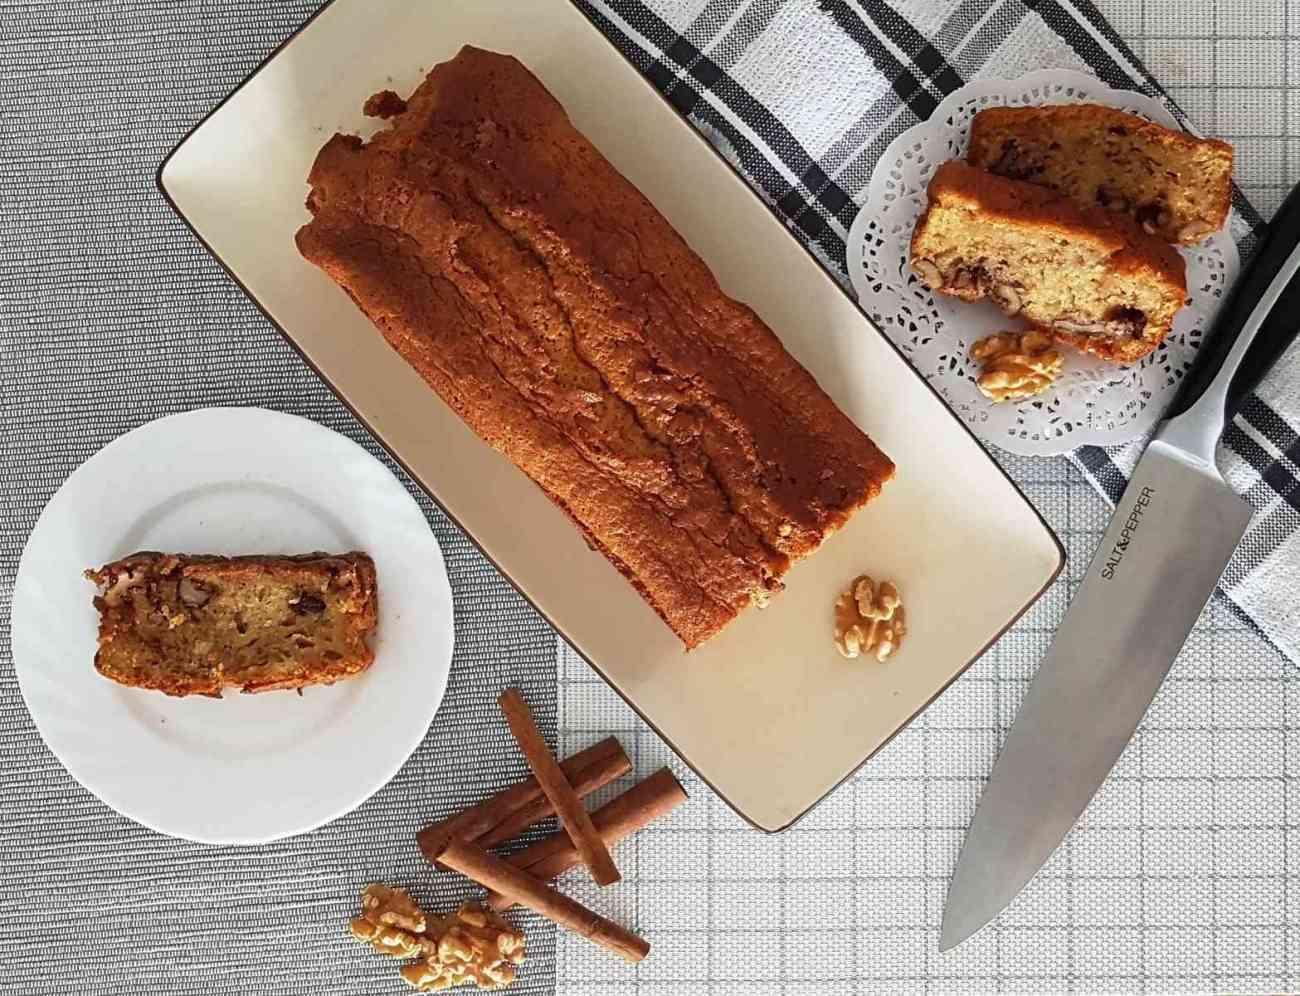 עוגת שמנת חמוצה, אגוזים וקינמון.